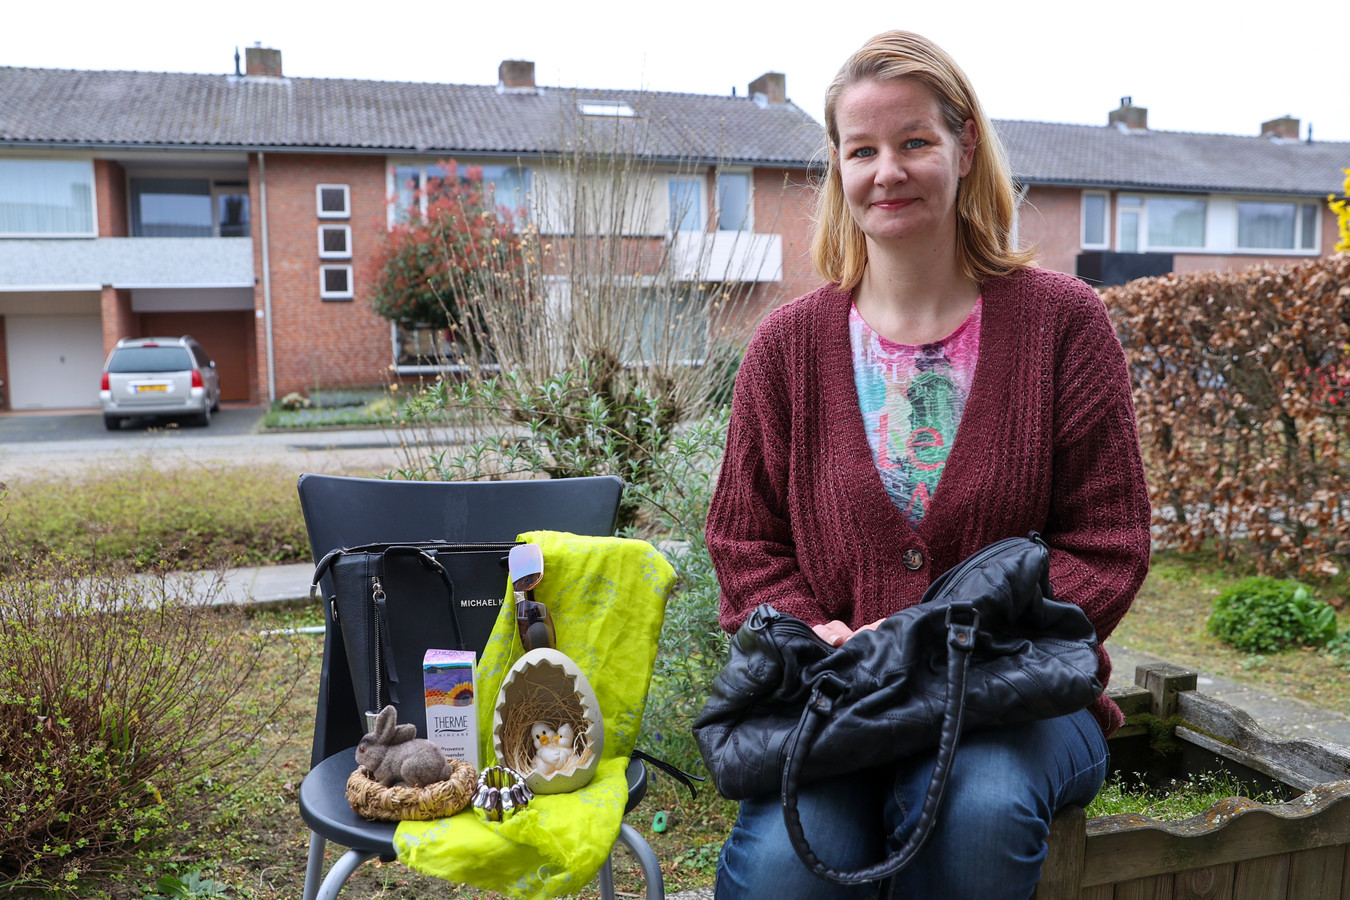 Tanja van Aalst verzorgt via de Facebookpagina Taskado tassen met luxe producten voor minima.